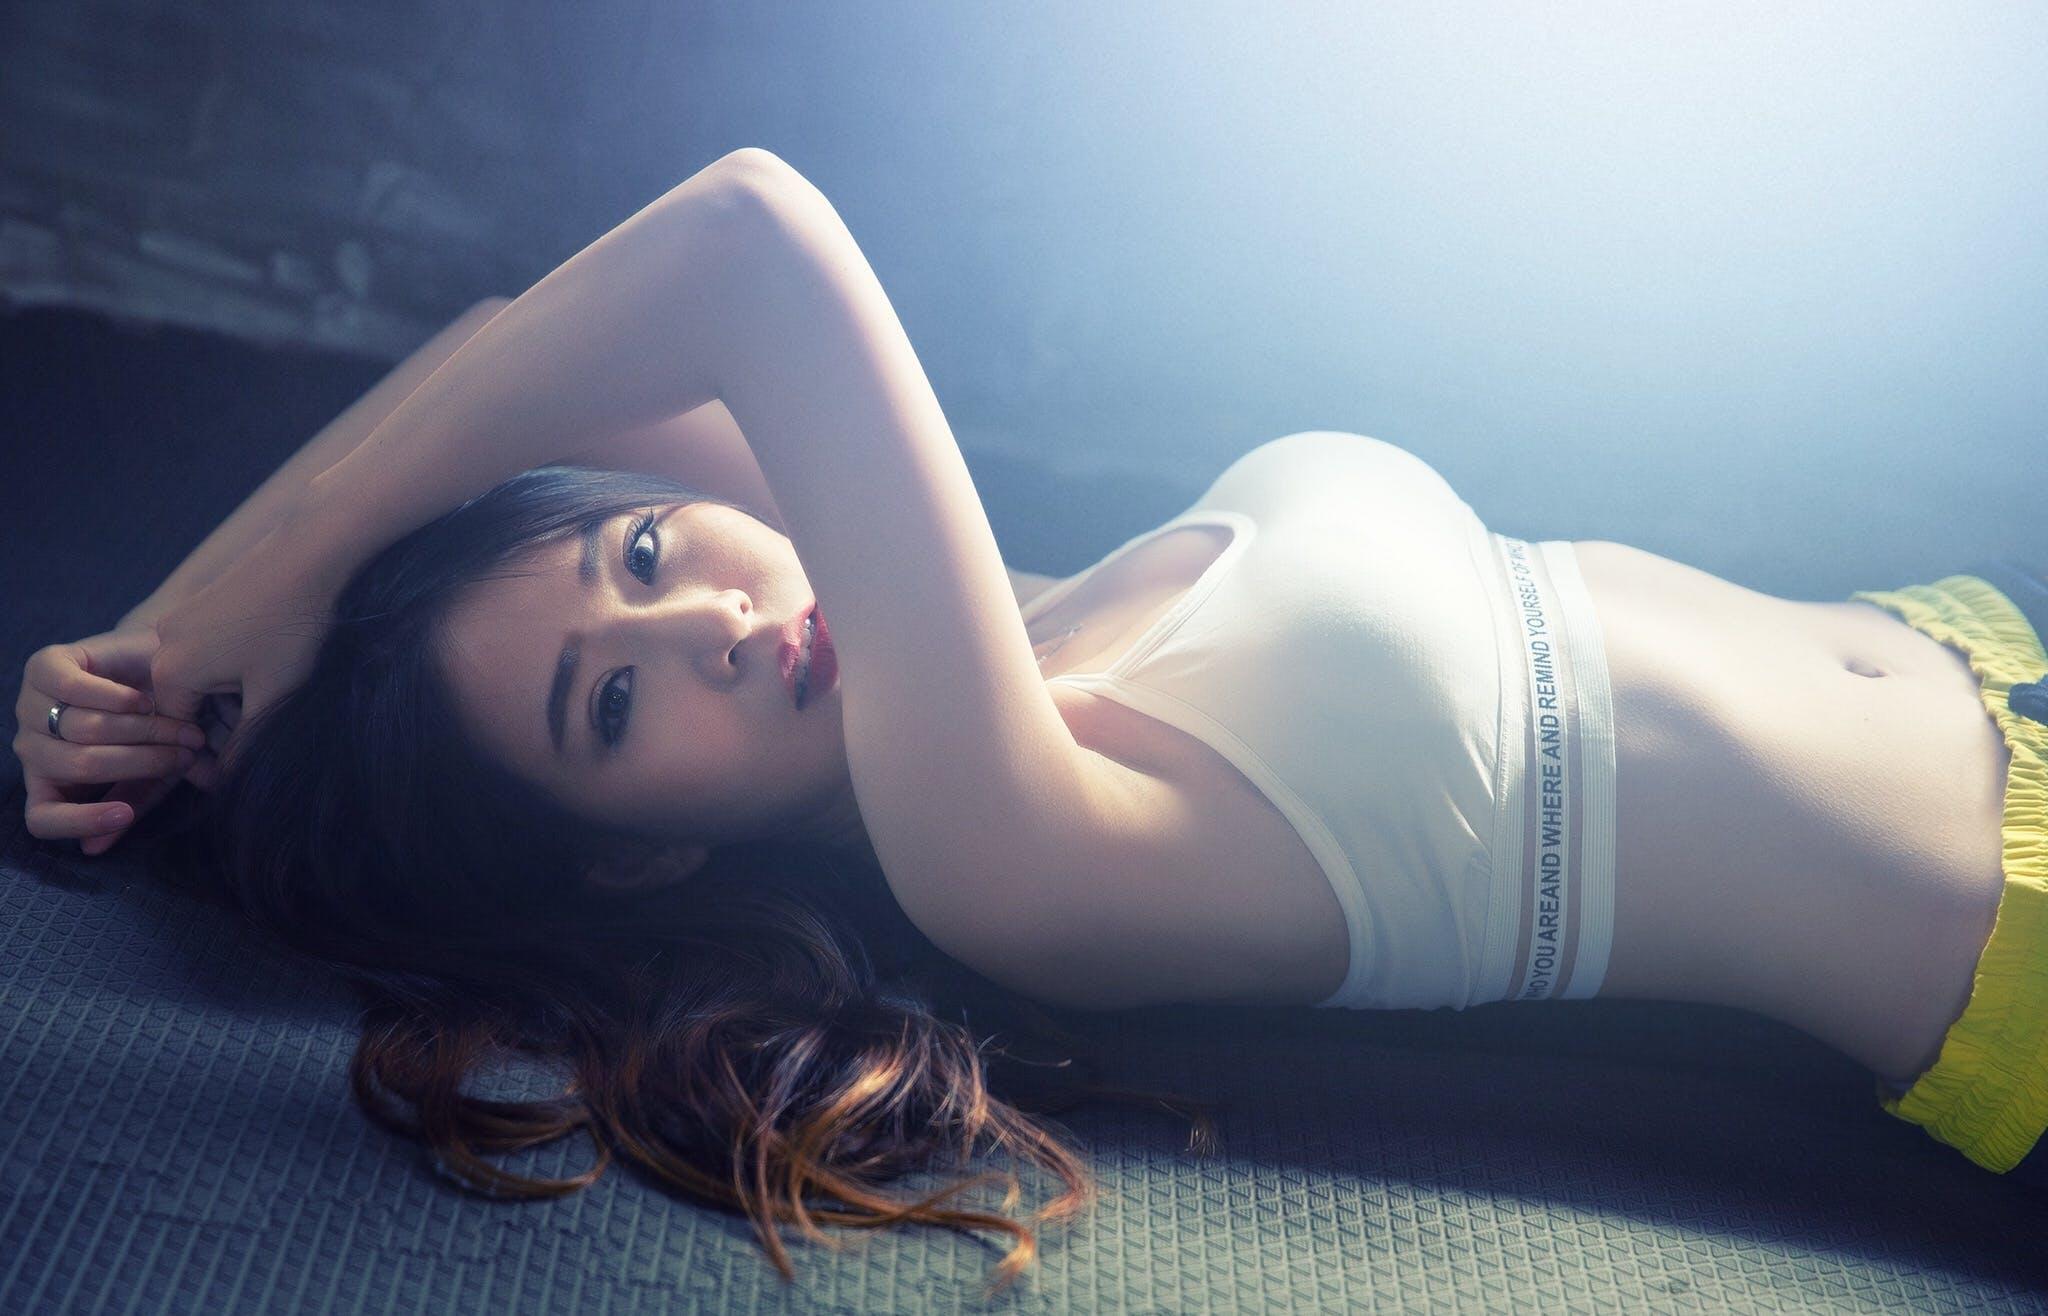 Gratis lagerfoto af asiatisk kvinde, dame, fitnessmodel, fotosession